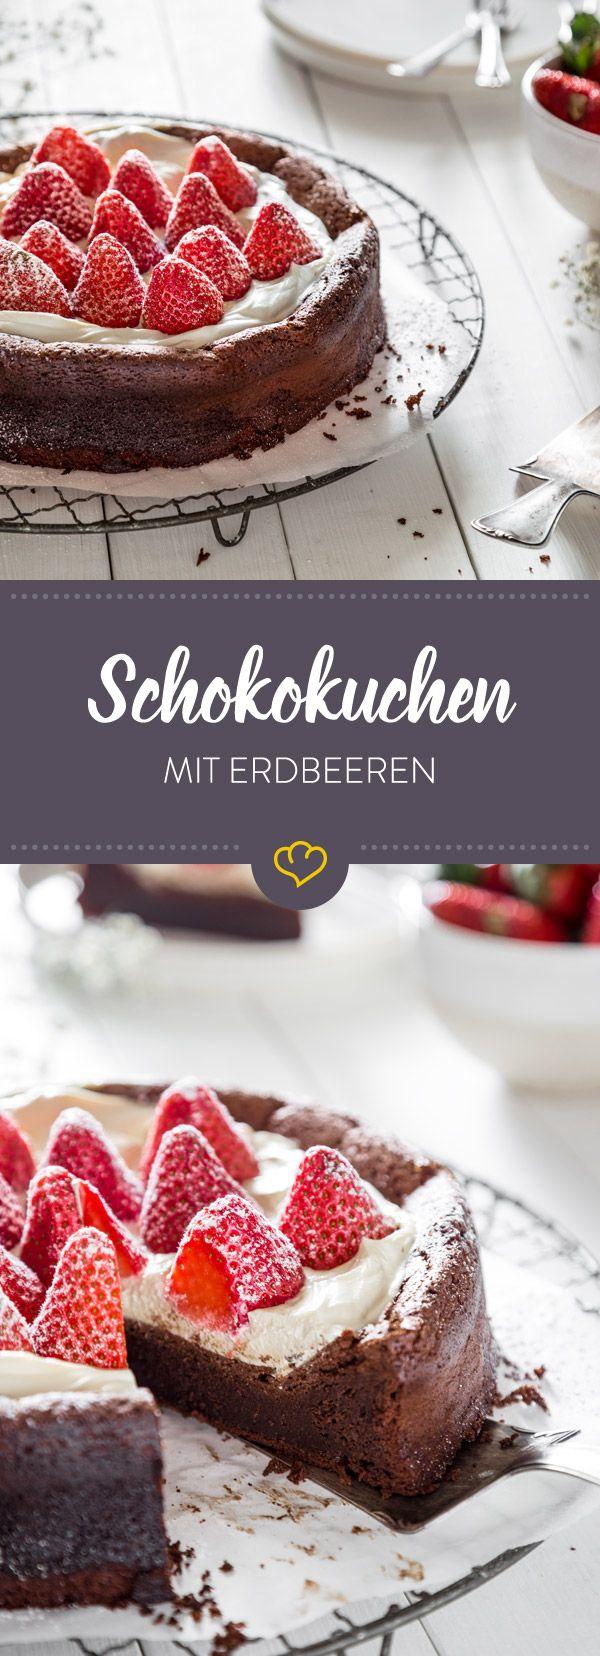 Ein Kuchen ohne Mehl, der herrlich fluffig und schokoladig schmeckt! Dieser Schokokuchen wird durch Eier unglaublich locker und luftig.